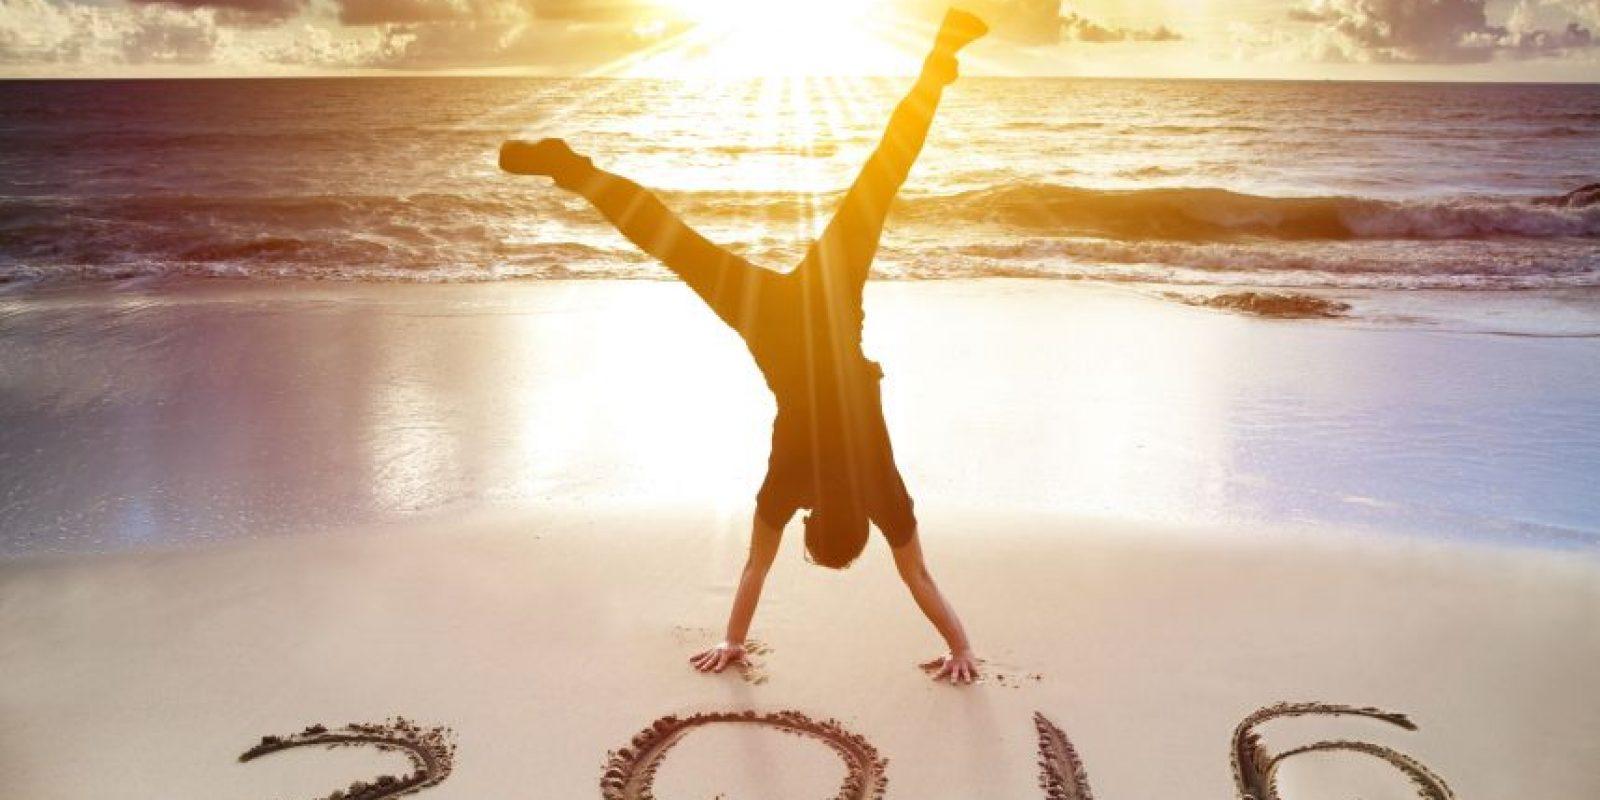 Elabora un plan de acción para cumplir tus resoluciones de año nuevo y no te rindas ante las dificultades.